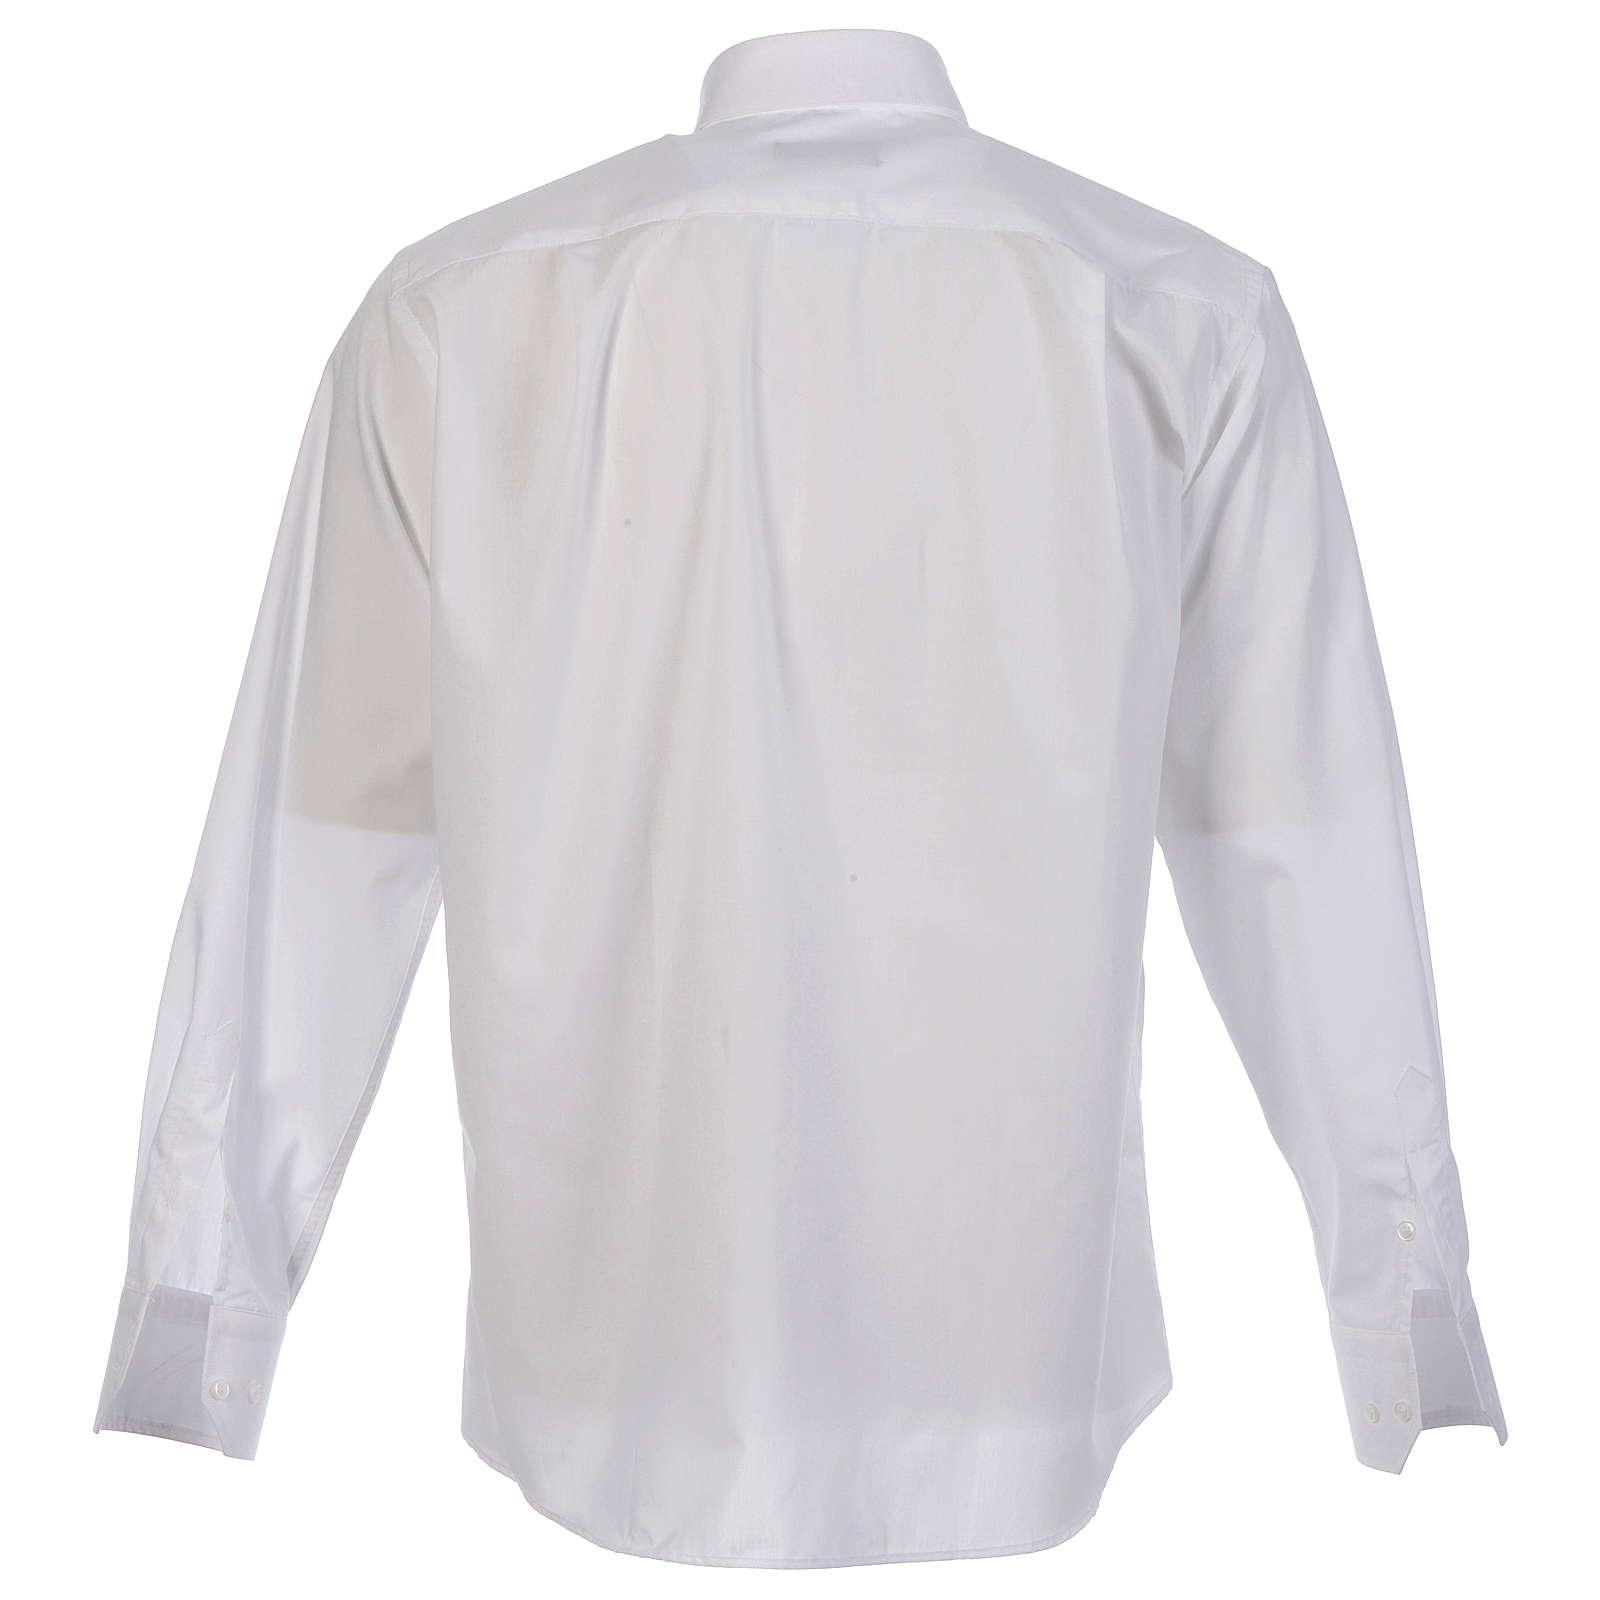 Koszula kapłańska jednolity kolor i po przekątnej biała długi rękaw 4